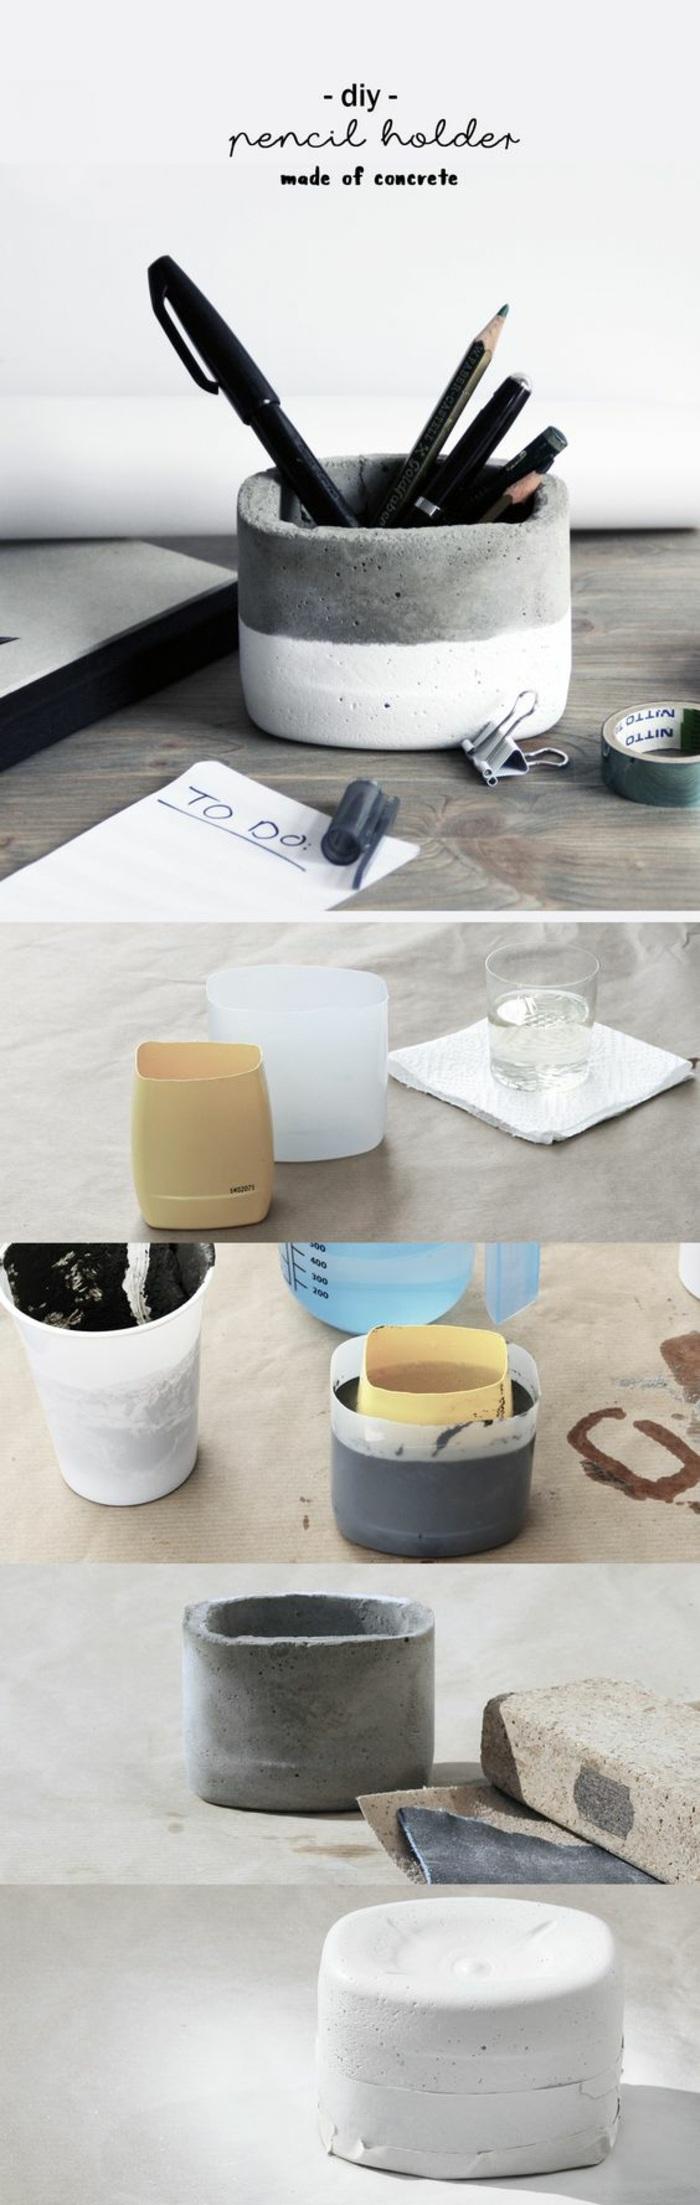 diy stiftenhalter aus zement, bleistifte, kugelschreiber, blatt, glas mit wasser